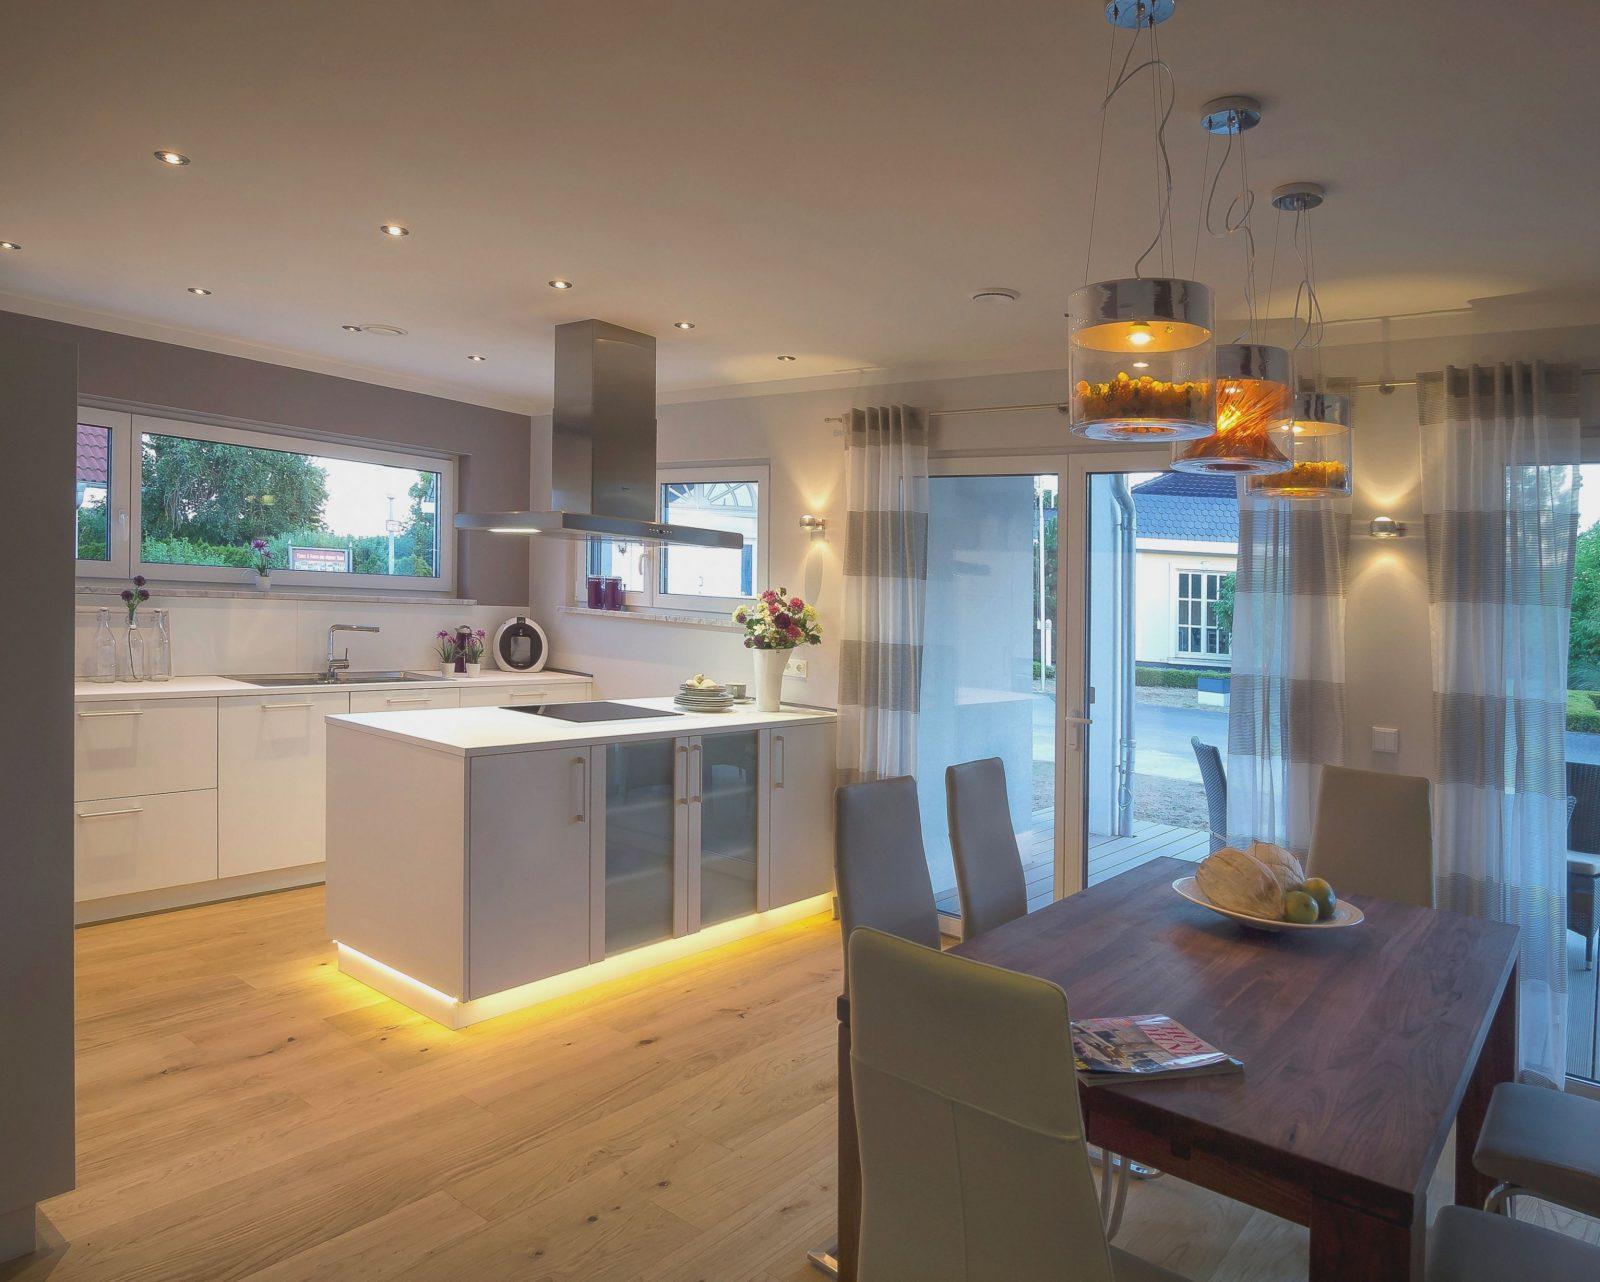 Offene Kuche Wohnzimmer Modern With Schlafzimmer Trennen Plus L Form von Offene Küche Wohnzimmer Abtrennen Bild